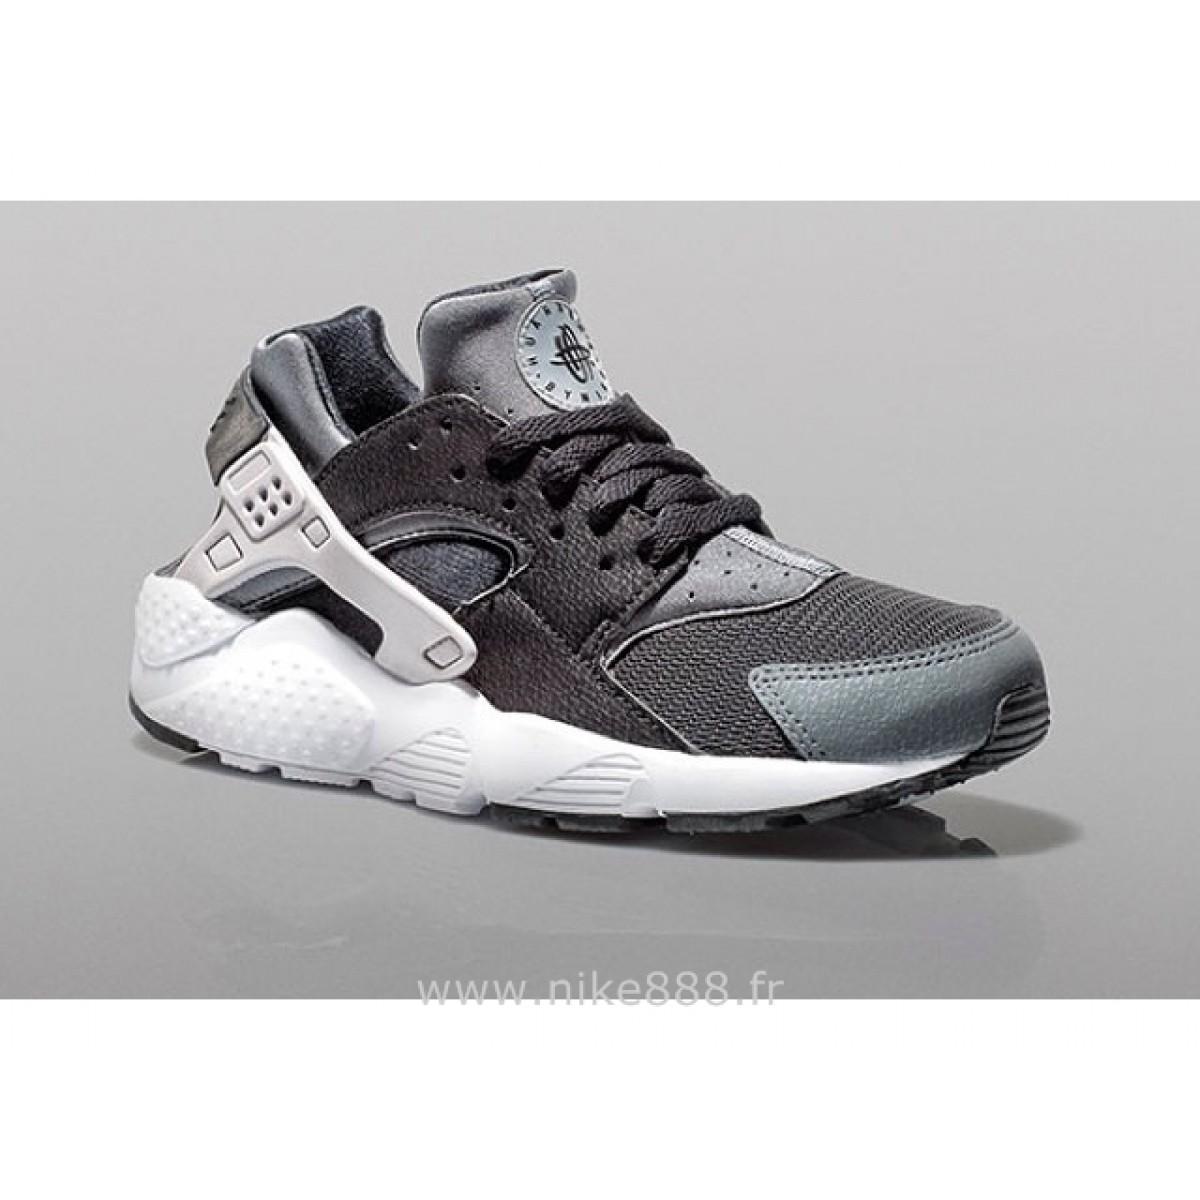 Achat / Vente produits Nike Air Huarache Homme,Nike Air Huarache Homme Pas Cher[